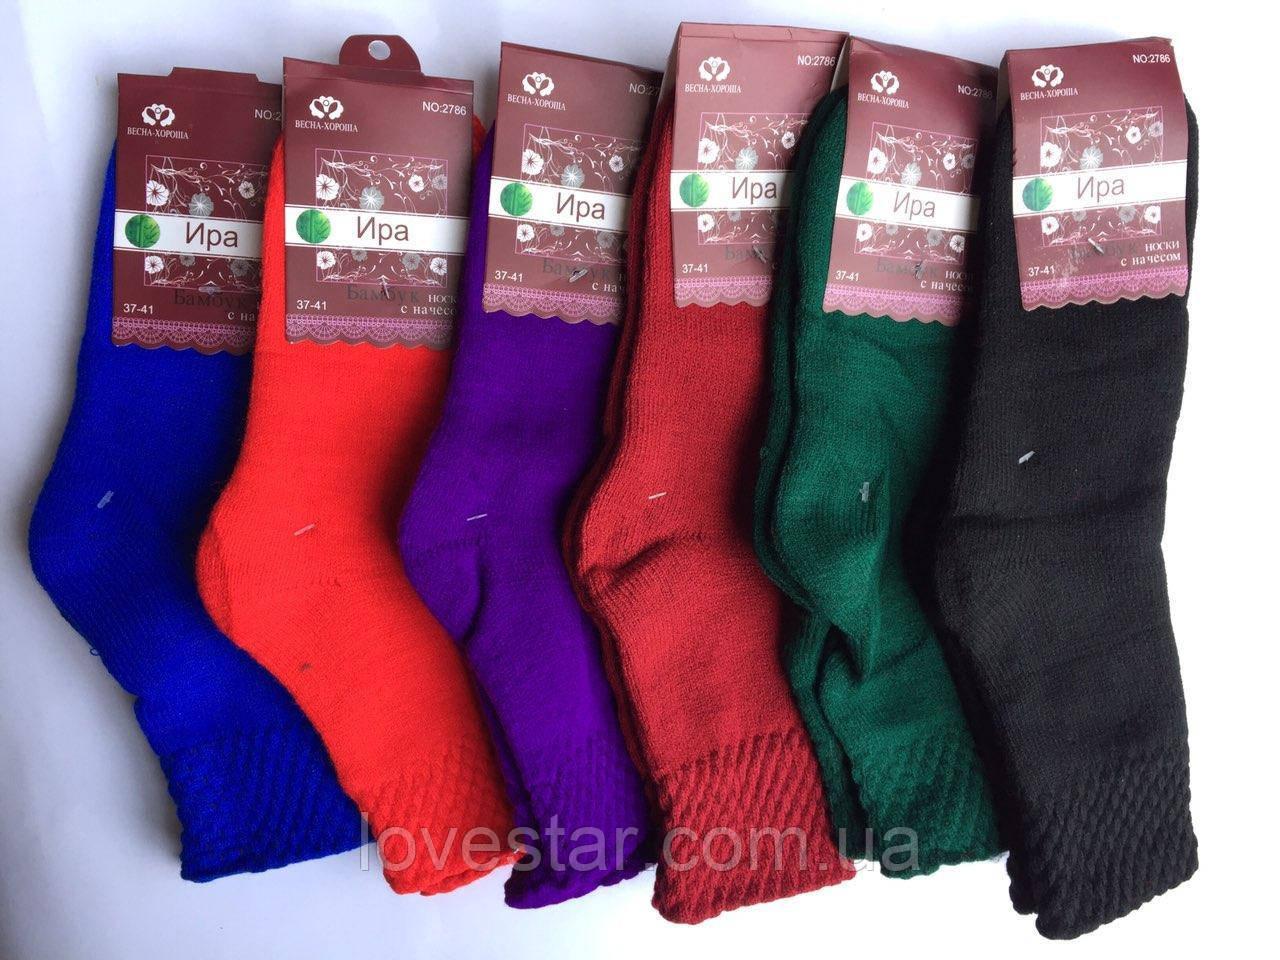 Женские махровые носки Ира с начесом Р.р 37-41